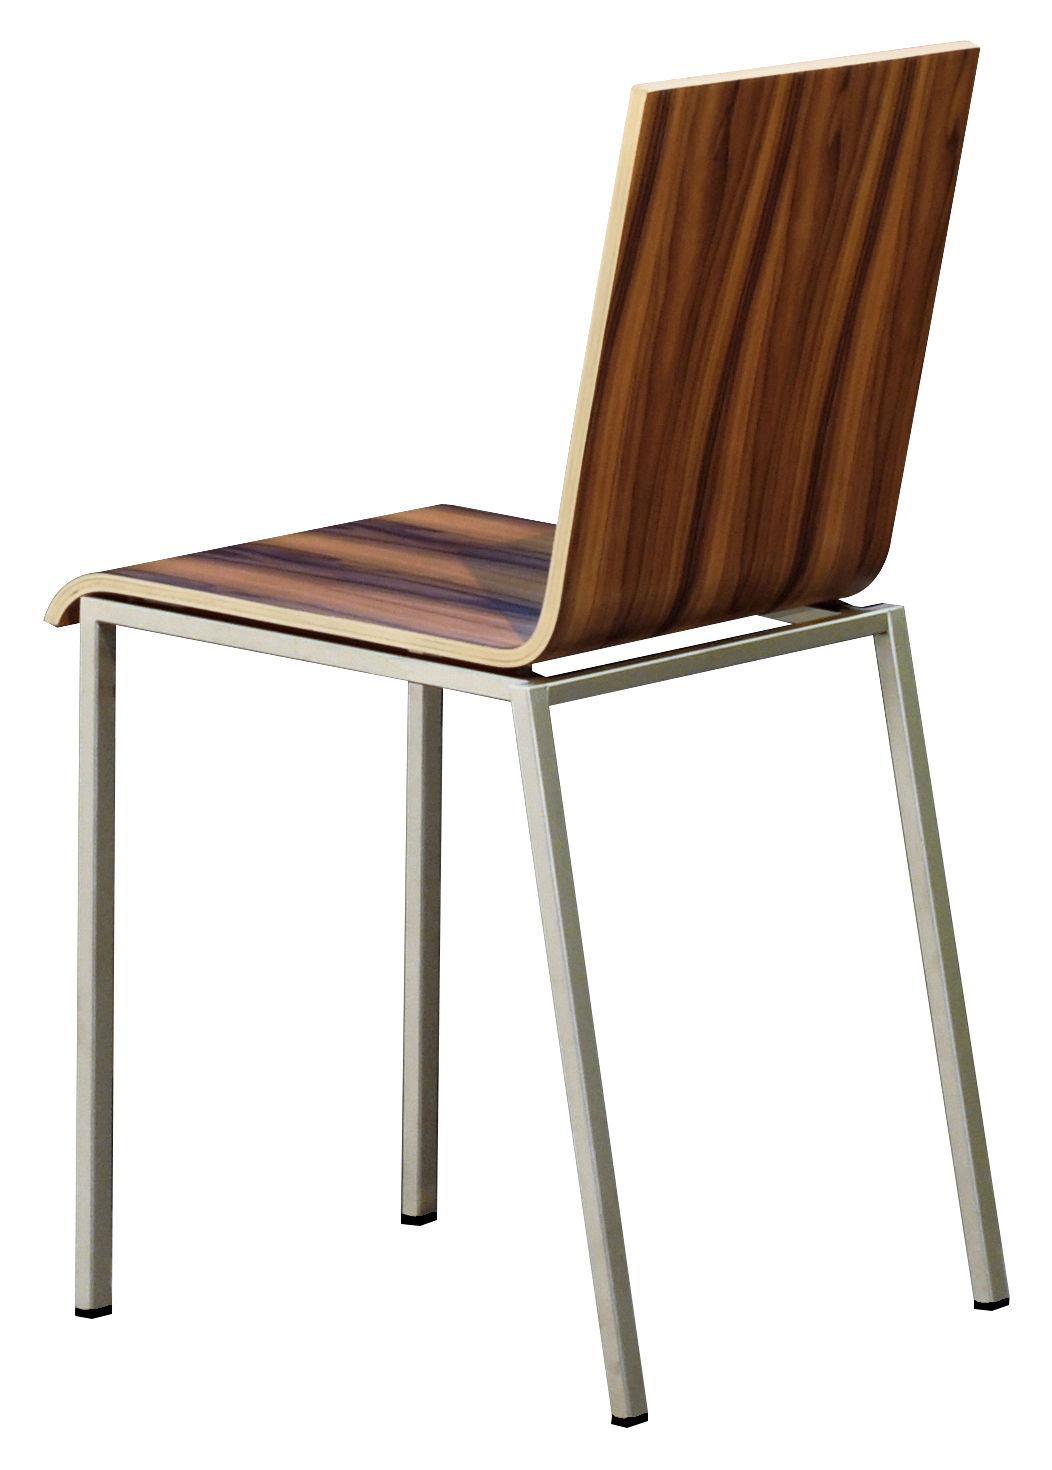 Scopri sedia bianca versione legno palissandro di zeus - Sedia bianca legno ...